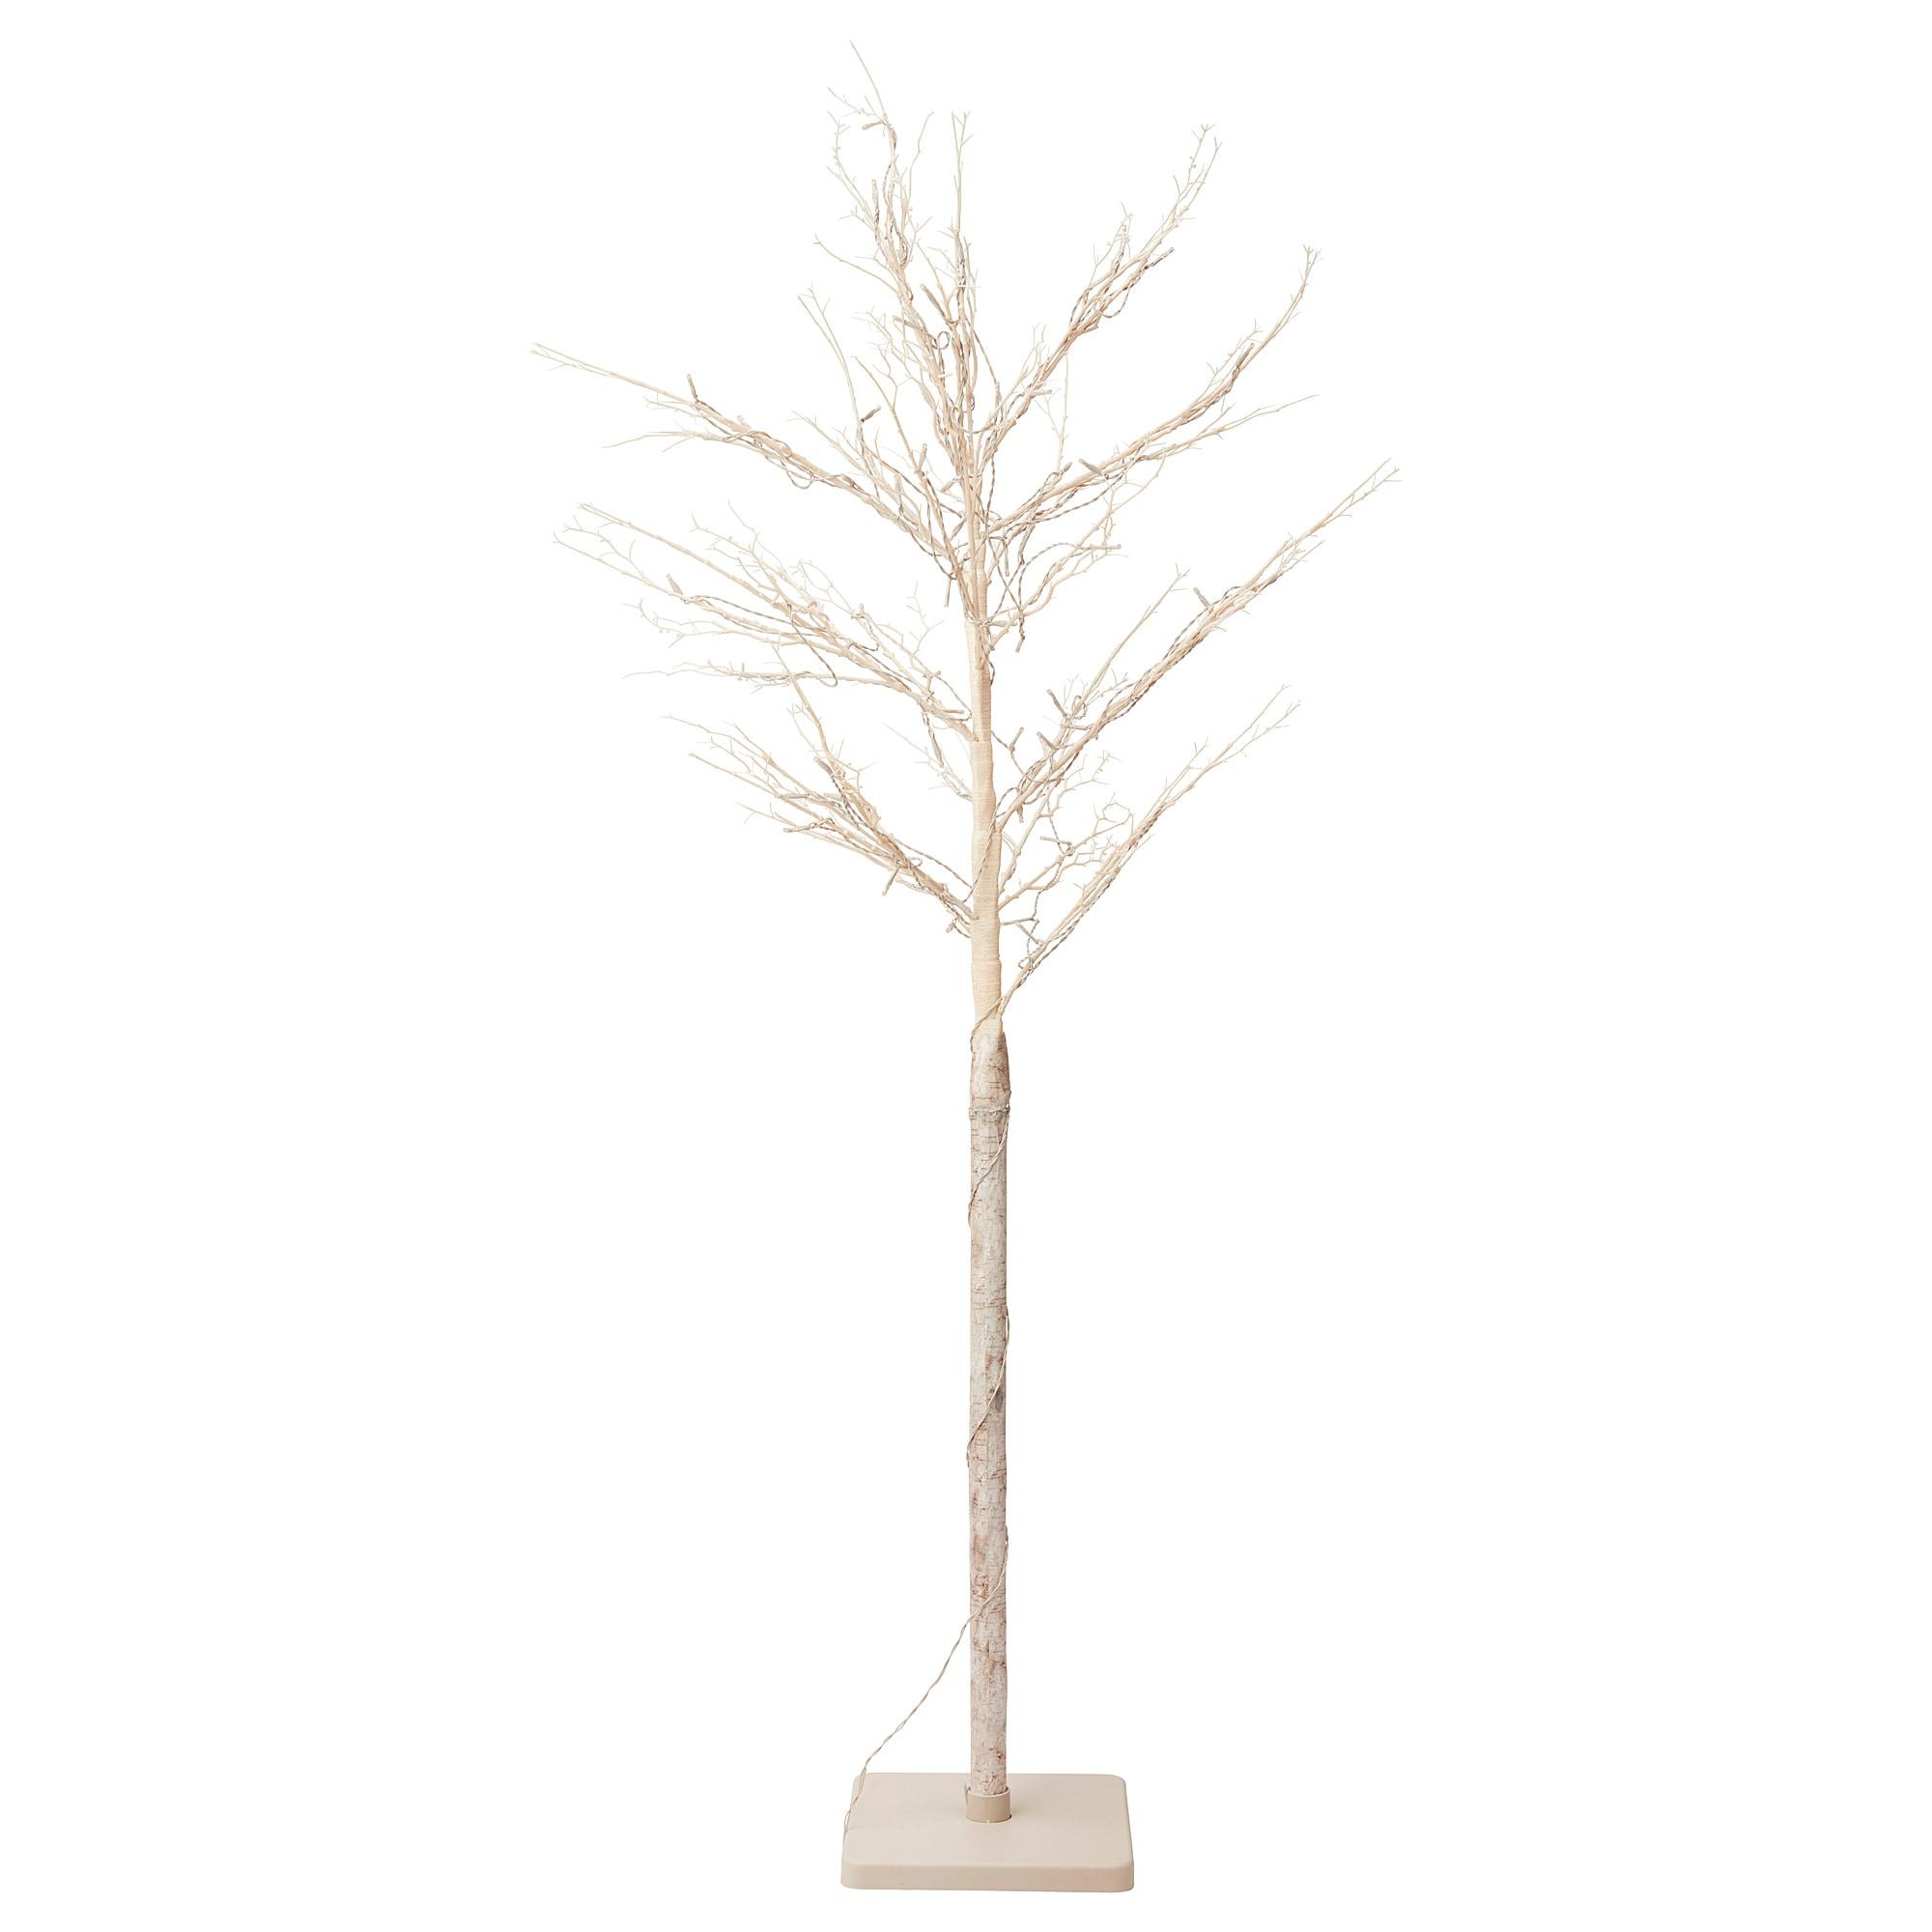 Искусственное растение с подсветкой ФЕЙКА белый артикуль № 504.016.51 в наличии. Онлайн сайт ИКЕА РБ. Недорогая доставка и монтаж.